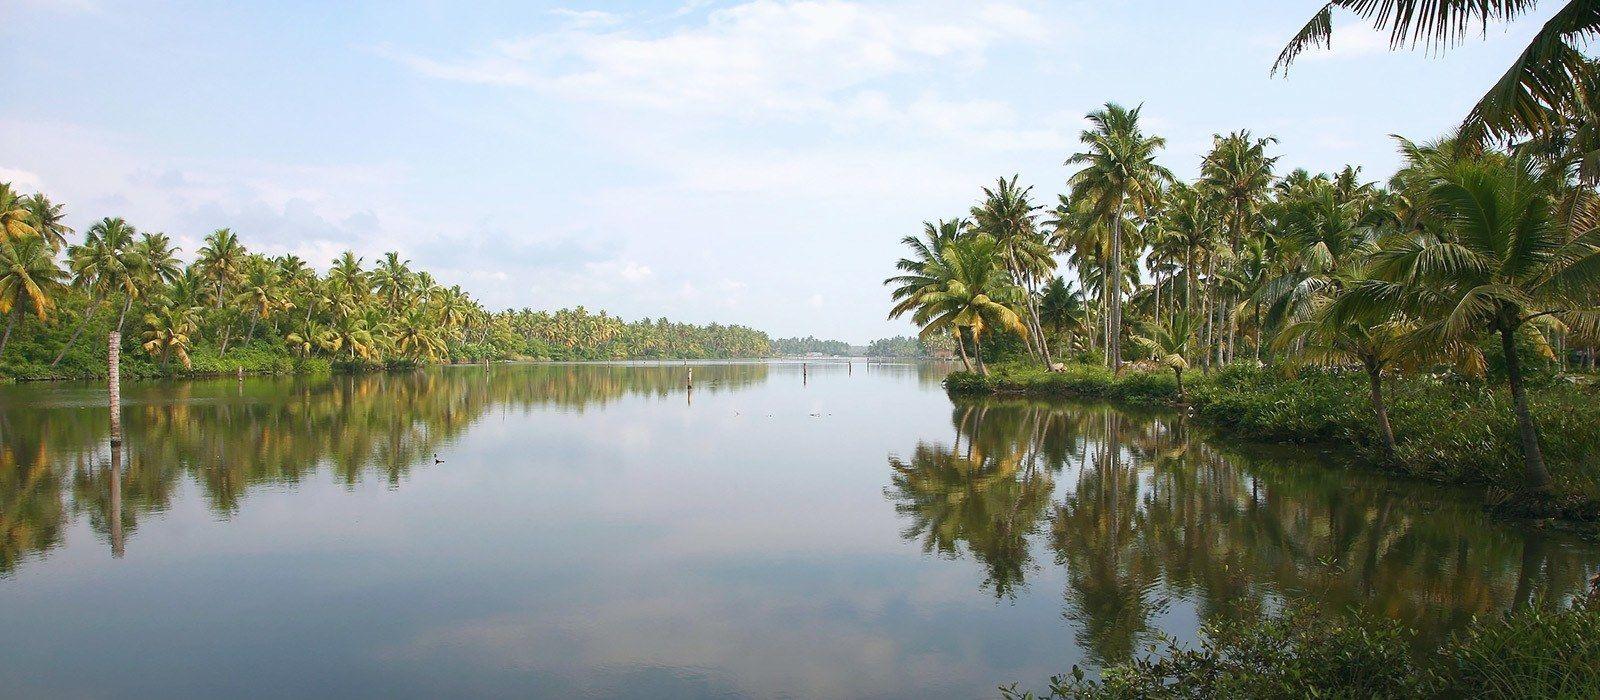 Ein Sommer in Südindien Urlaub 7